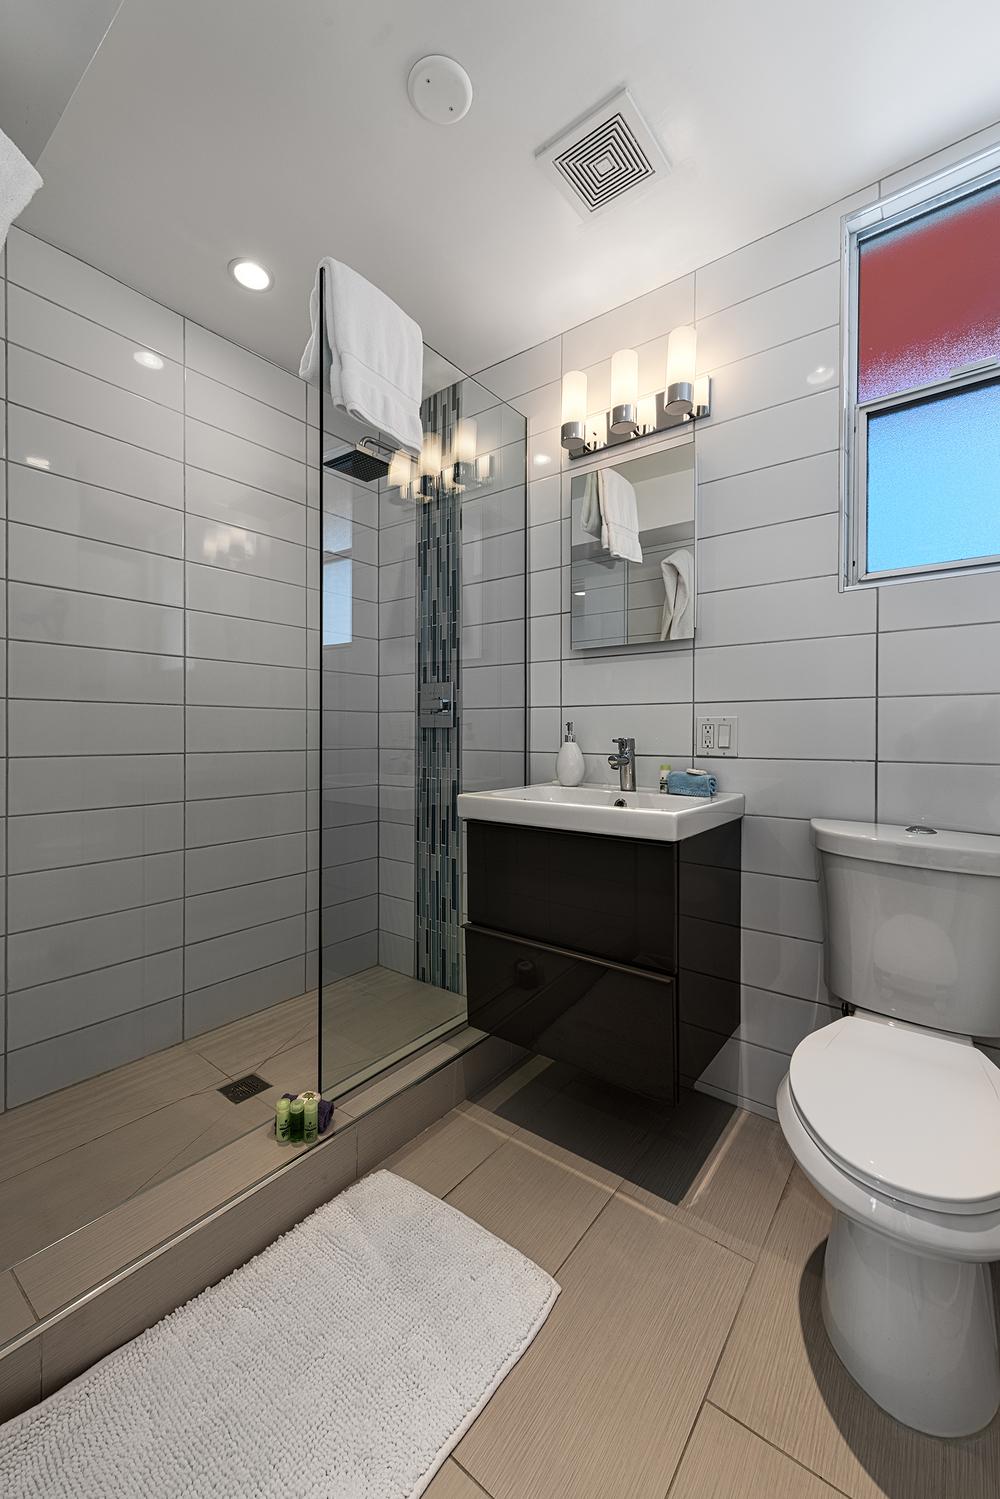 #218 Bathroom